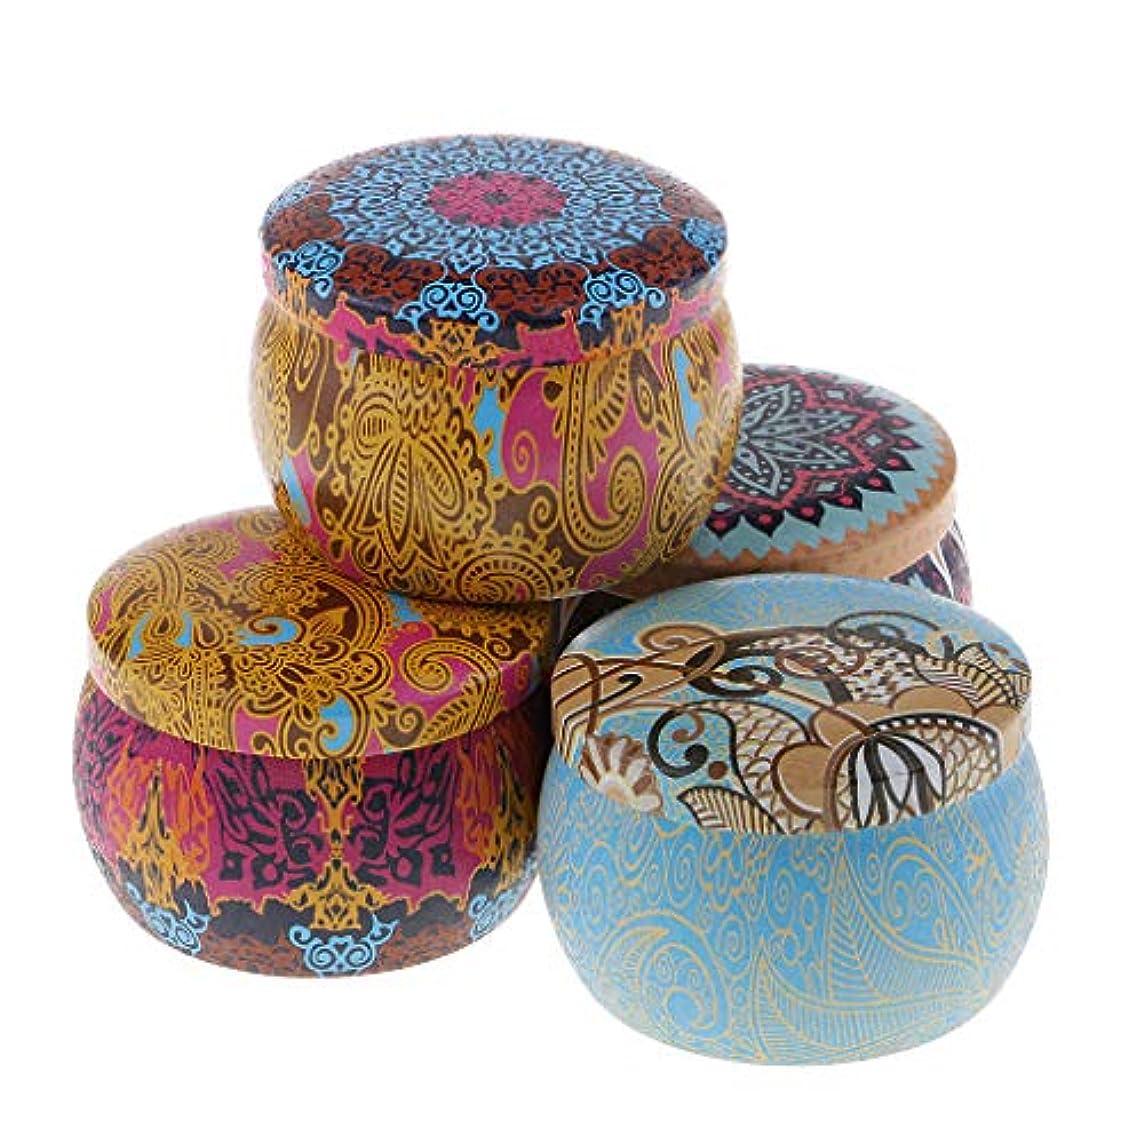 矢印集中喜ぶ民族風 アロマキャンドル 大豆 4個 贈り物 蝋燭 可愛い外観 癒しの灯り 135g 消臭約24時間